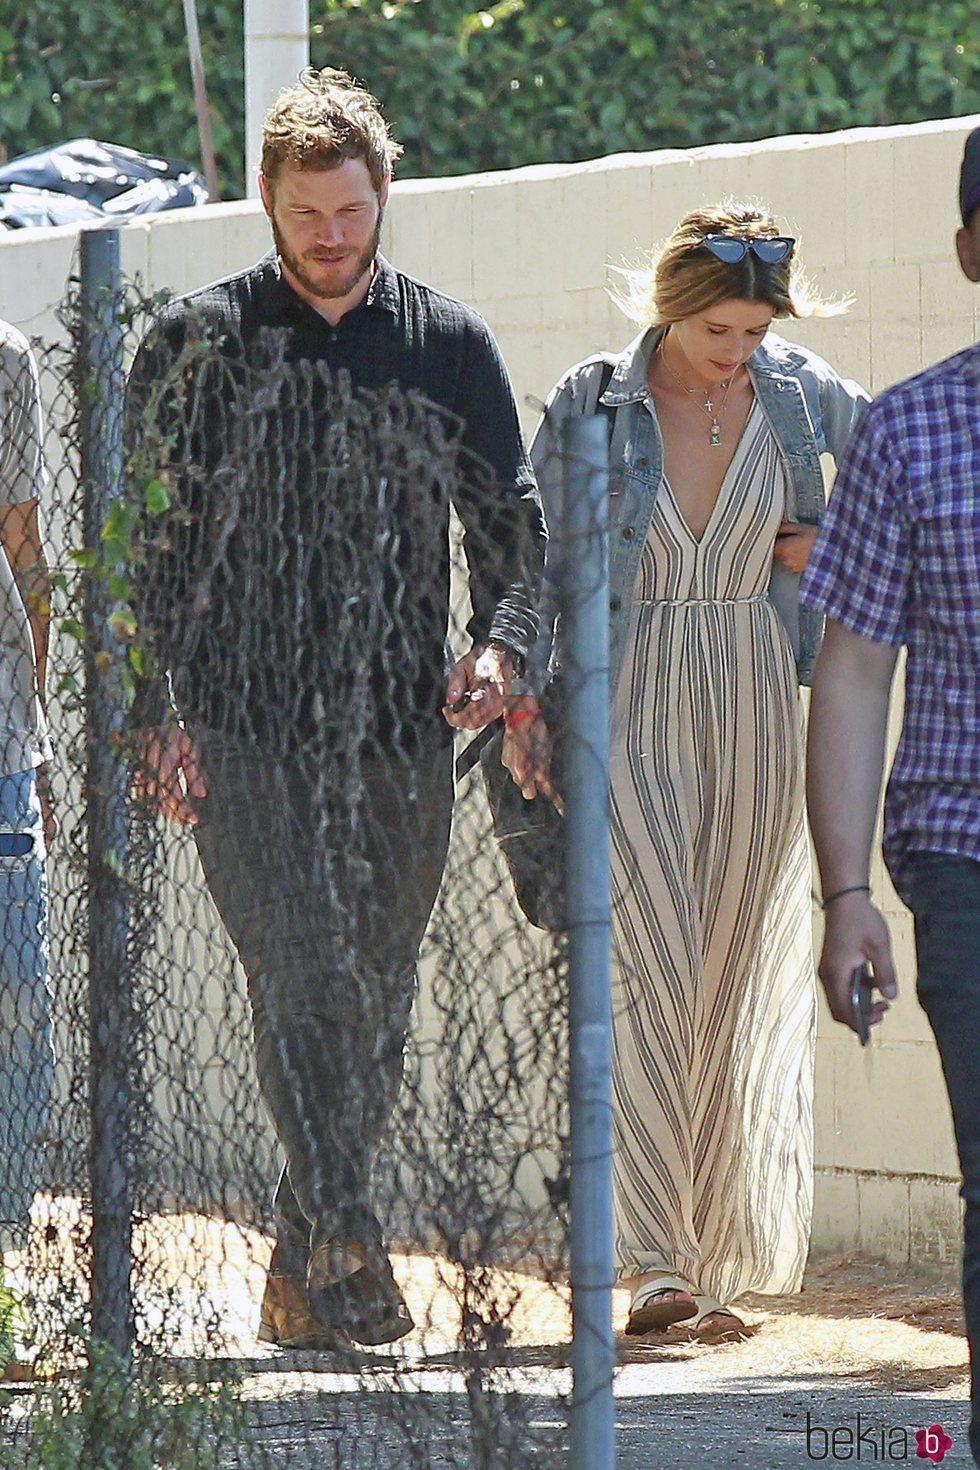 El actor Chris Pratt acudiendo a misa junto con Katherine Schwarzenegger